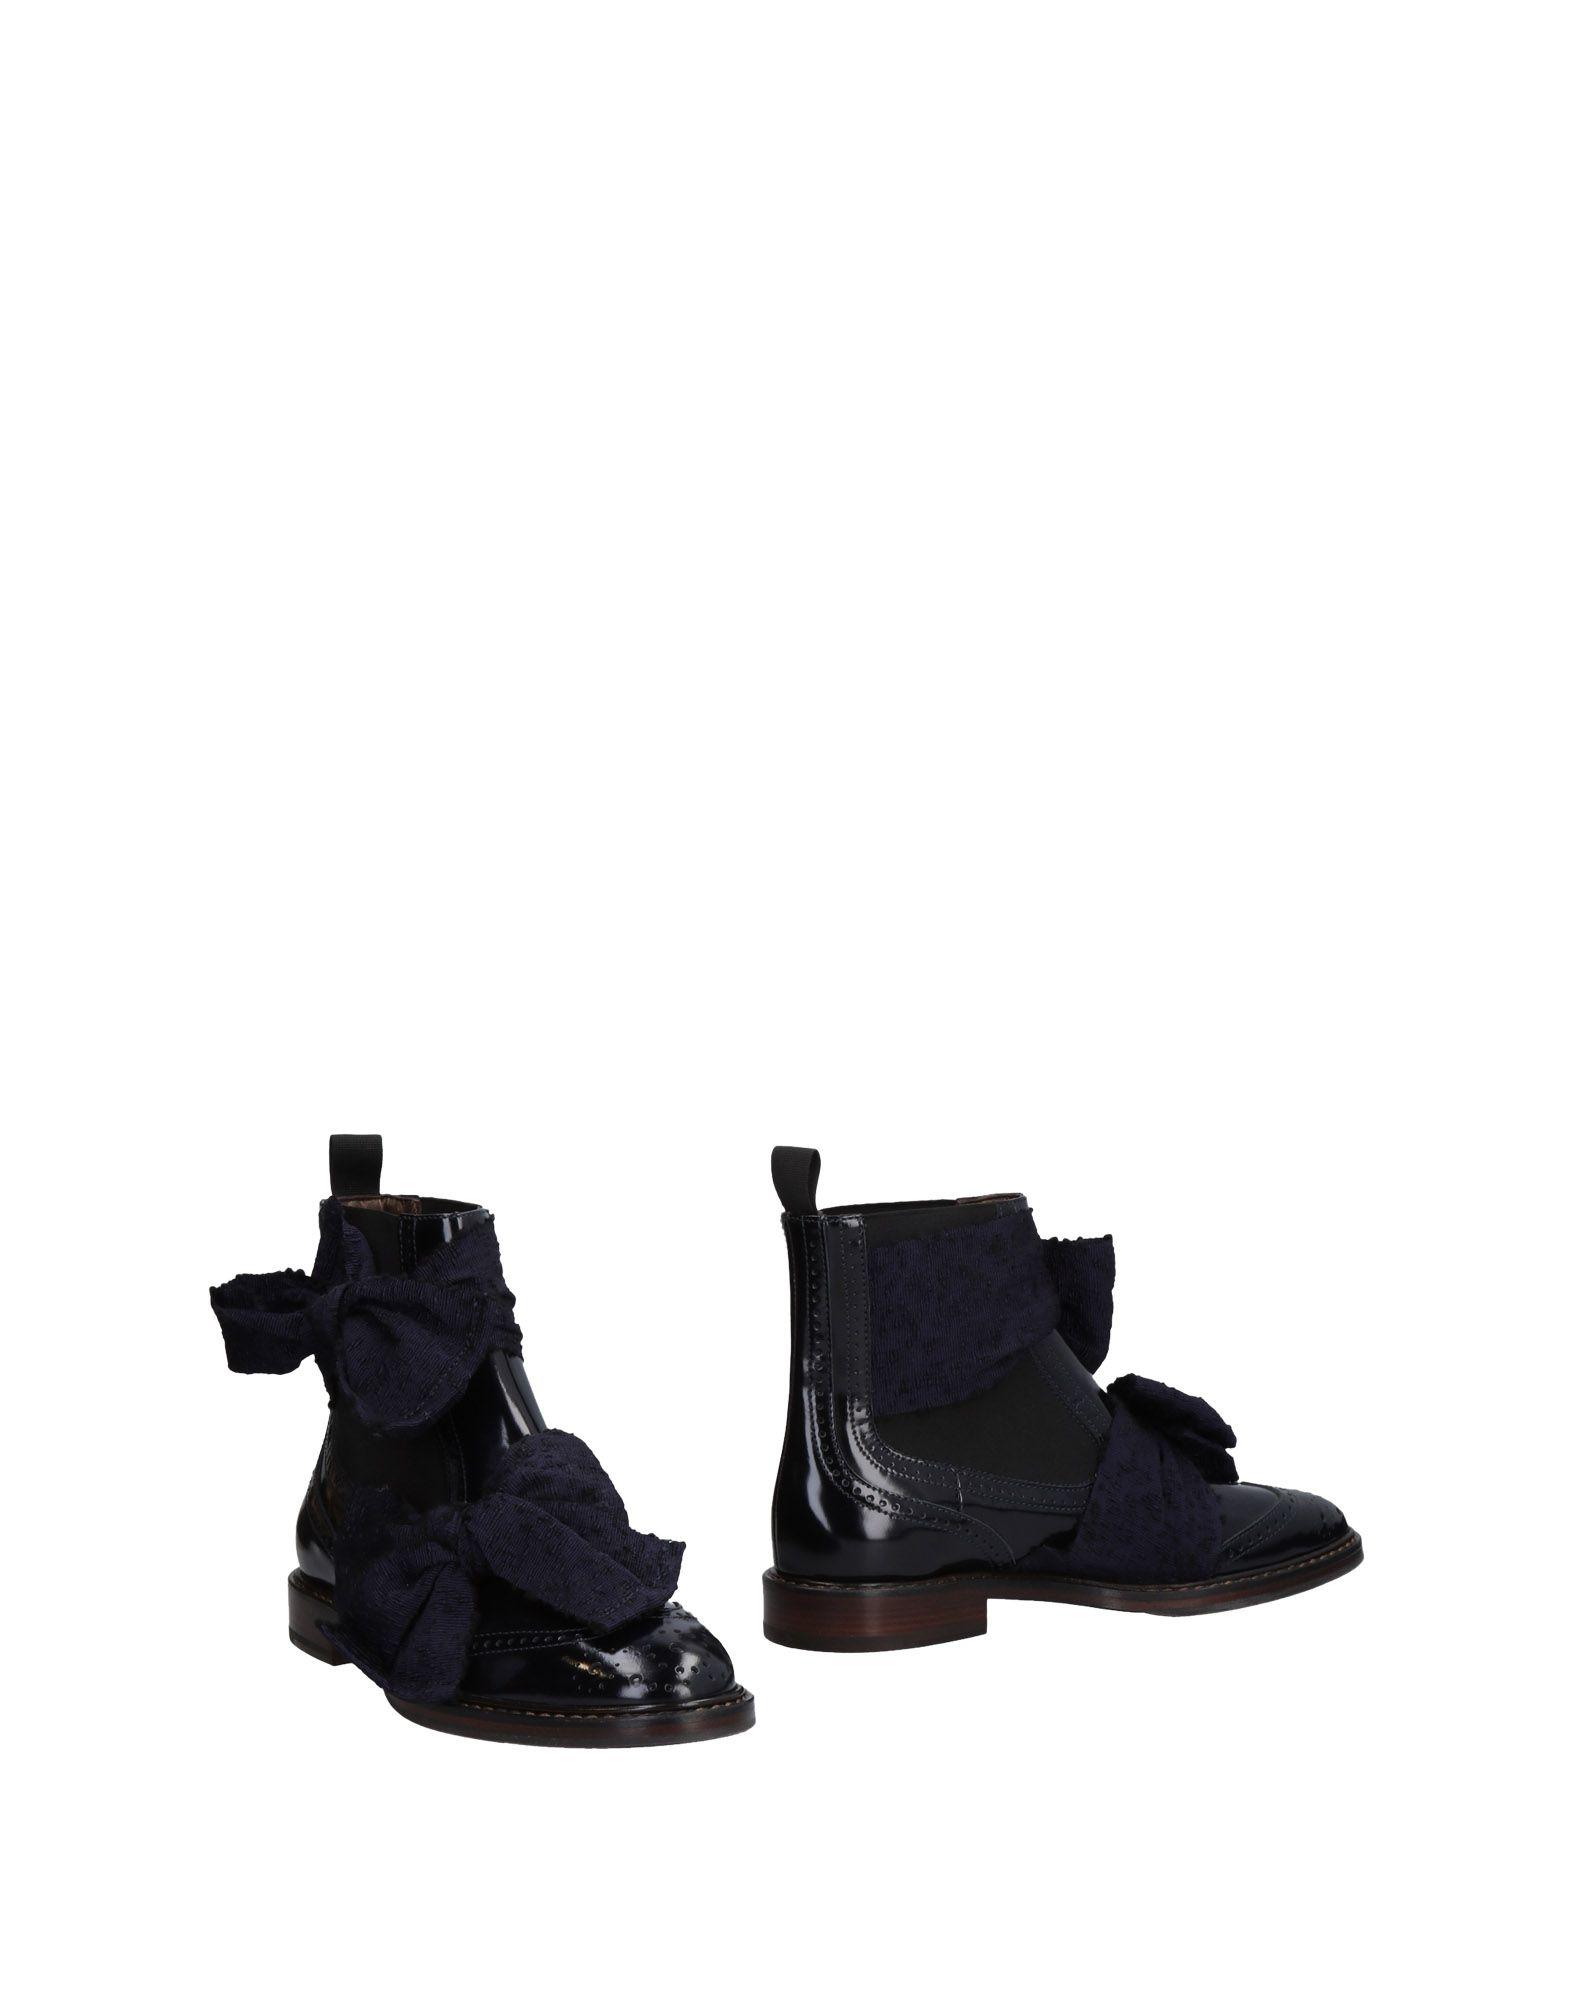 Chelsea Boots Agl Attilio Giusti Leombruni Donna - 11470177BT